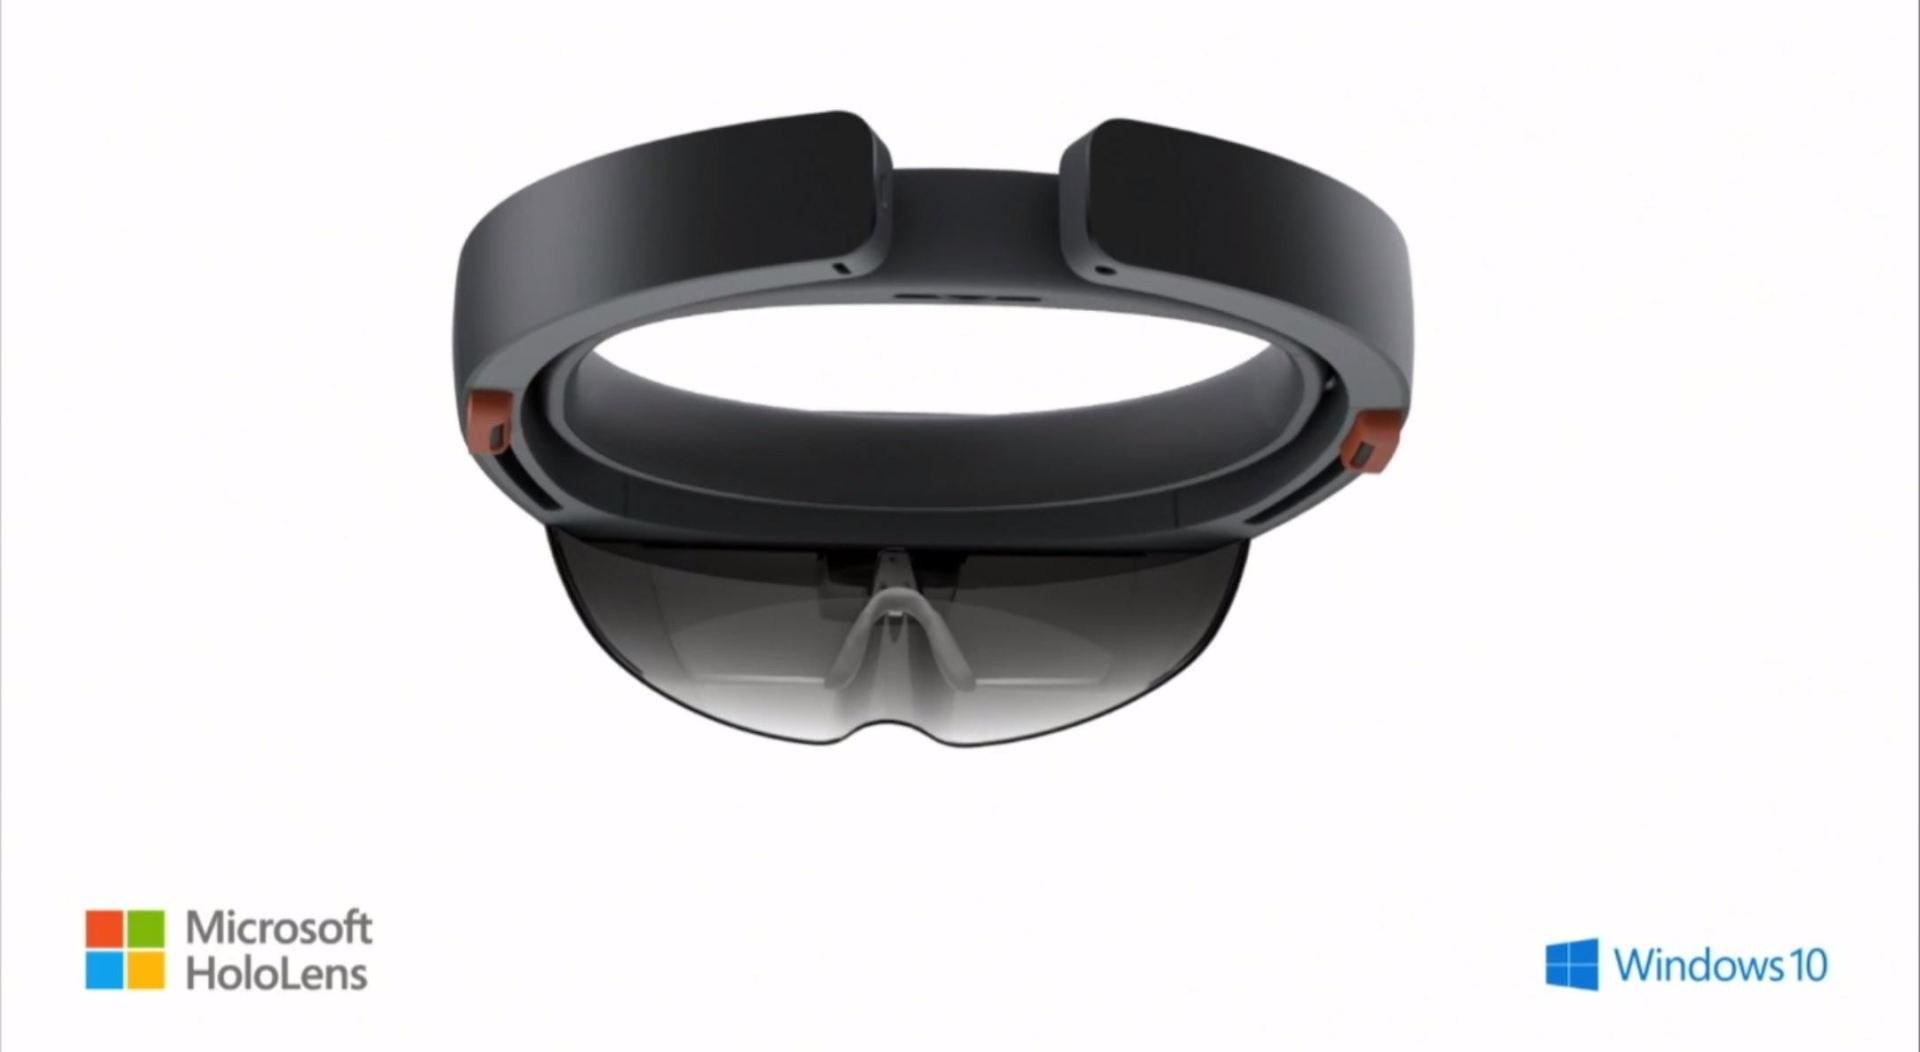 HoloLens: Microsoft beantwortet Fragen zur Windows 10 Datenbrille